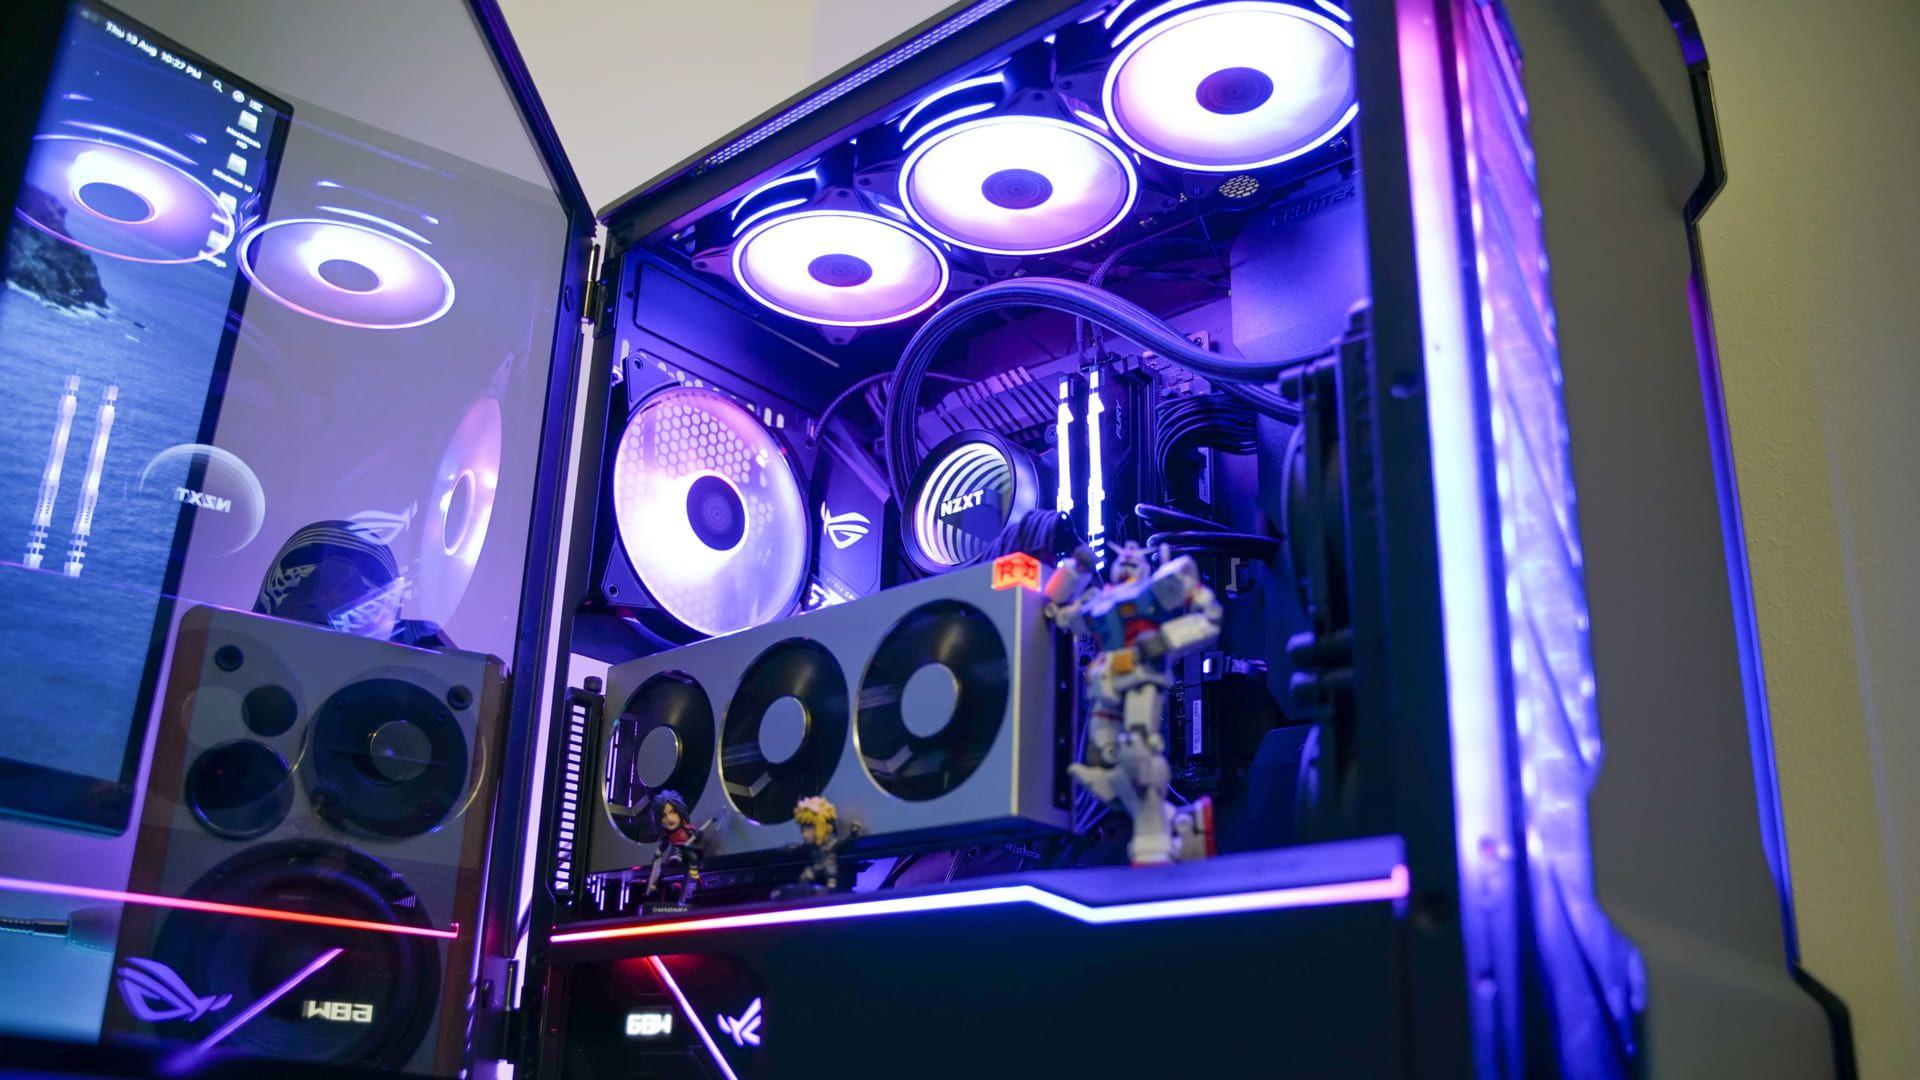 Saiba como fazer overclock em diversos componentes do seu PC (Foto: Reprodução/Shutterstock)